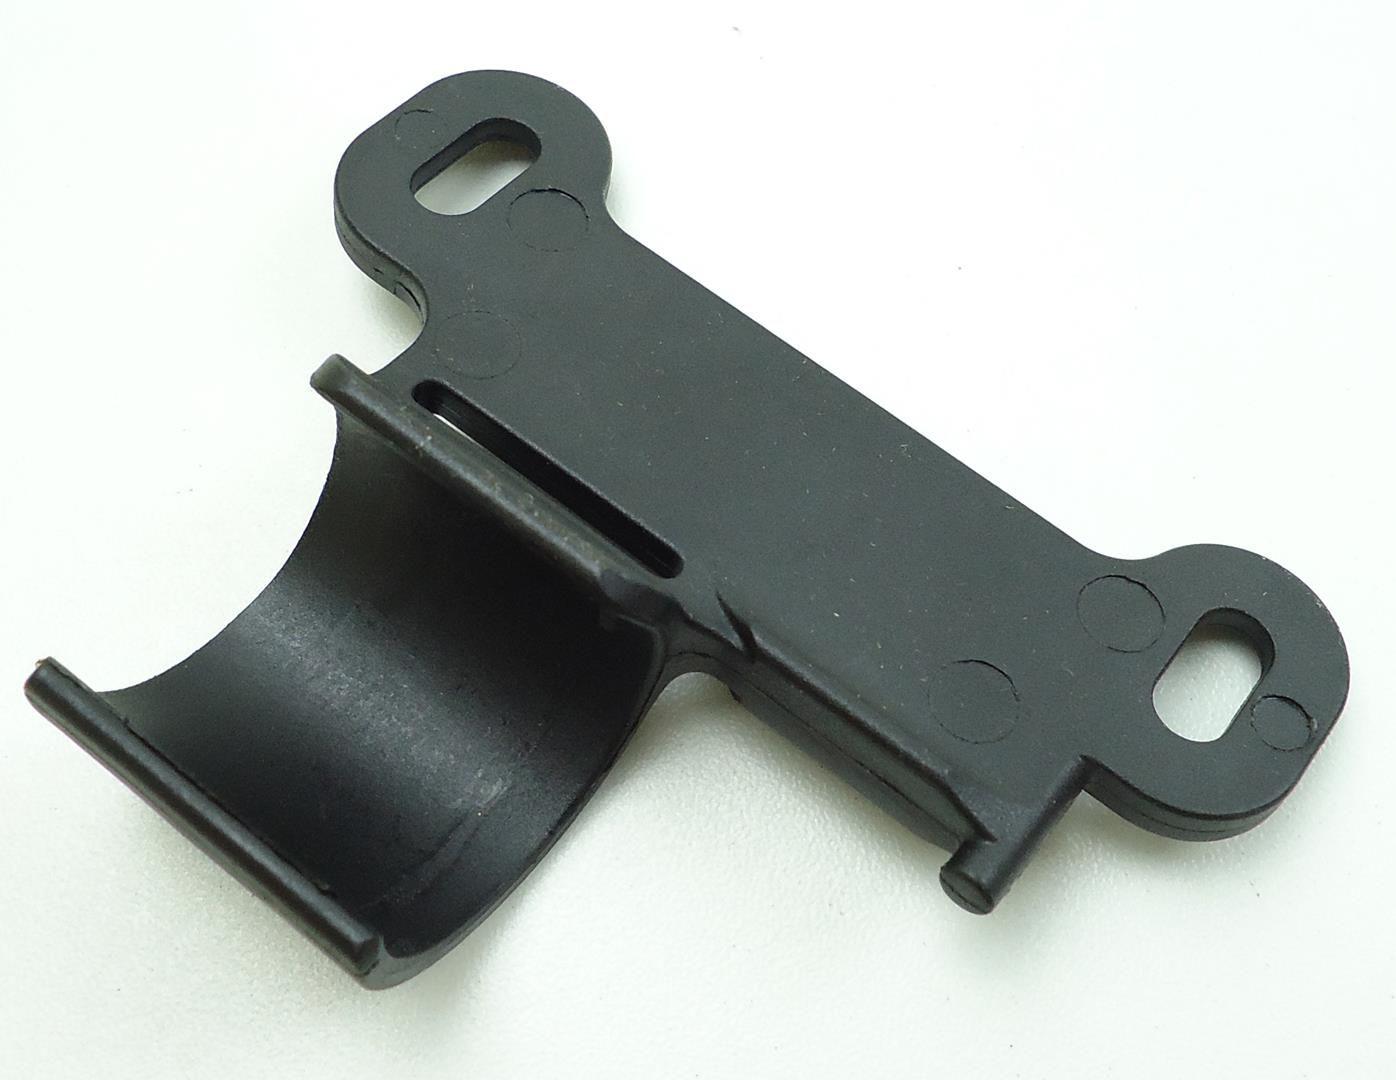 Mini Bomba Portatil para Bicicleta Giyo GP-06 Aluminio Haste Telescopia até 100 psi